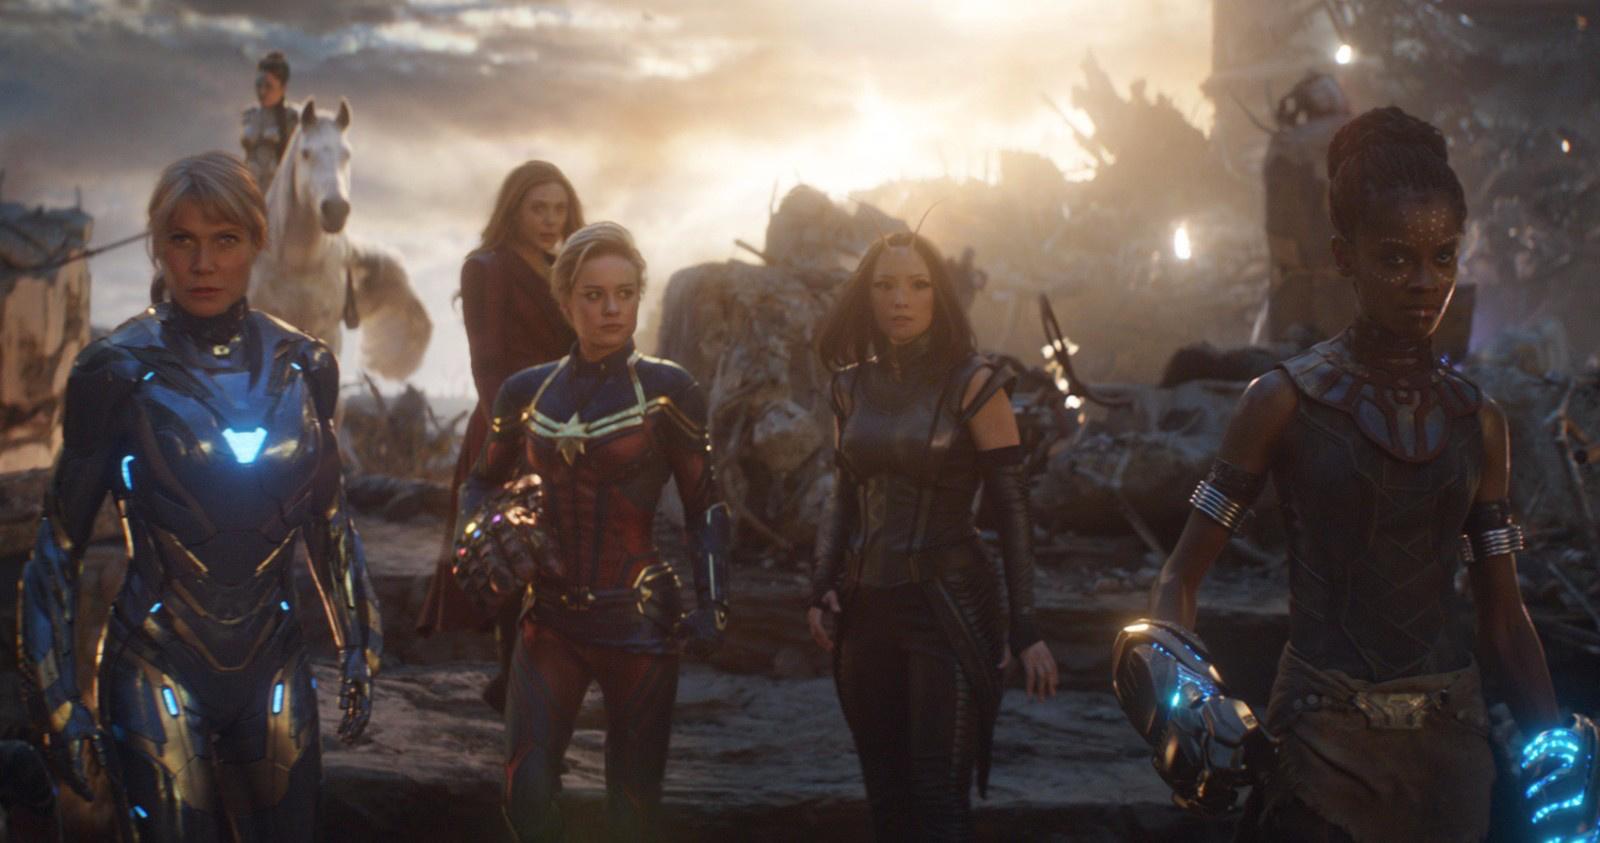 真·妇联!女性英雄《复仇者联盟》有望成为可能